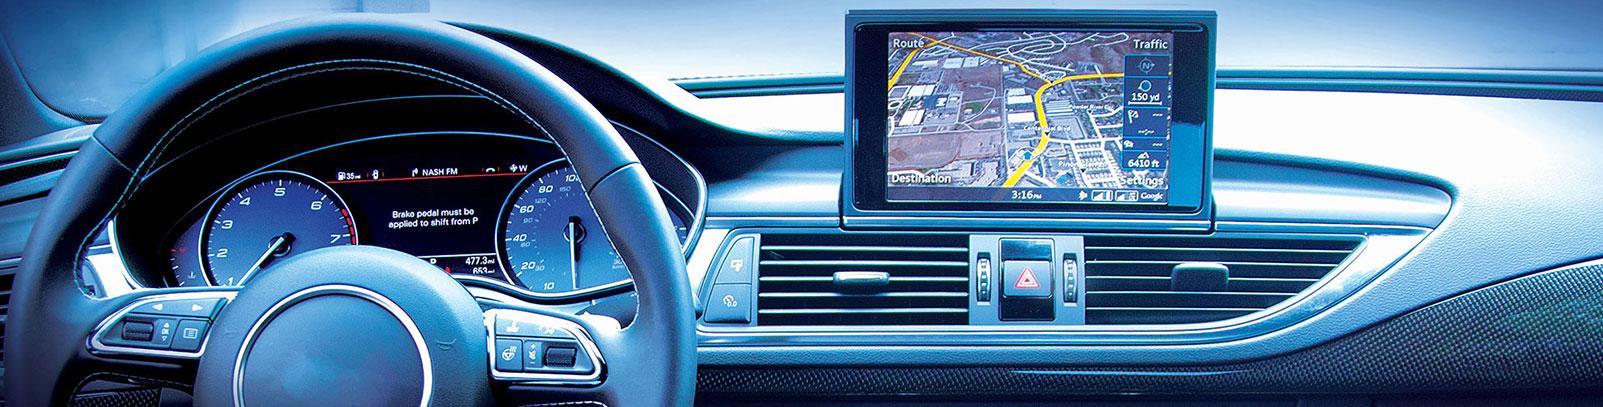 Автомобильные Gps навигаторы на WinCE или Андроид, которые работают без интернета